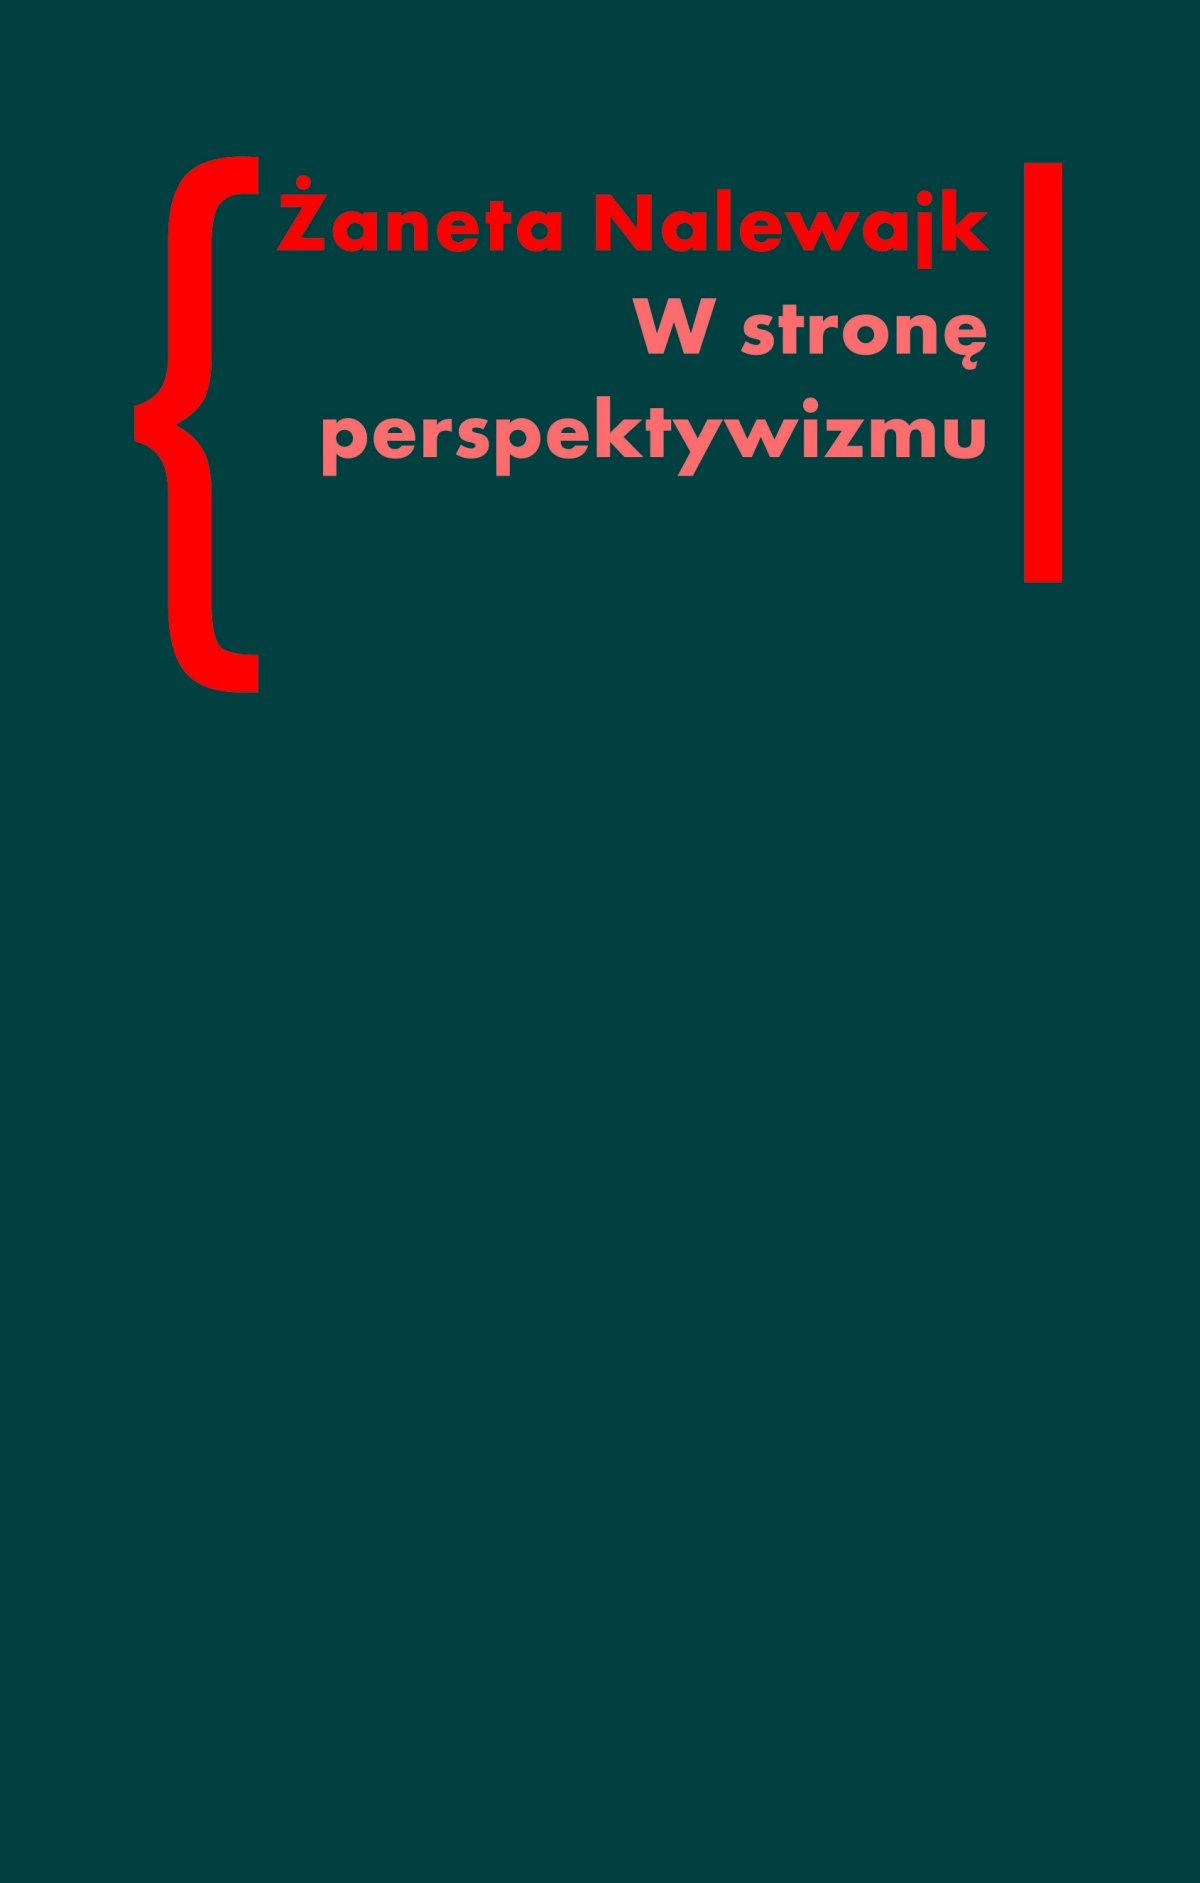 W stronę perspektywizmu. Problematyka cielesności w prozie Brunona Schulza i Witolda Gombrowicza - Ebook (Książka EPUB) do pobrania w formacie EPUB